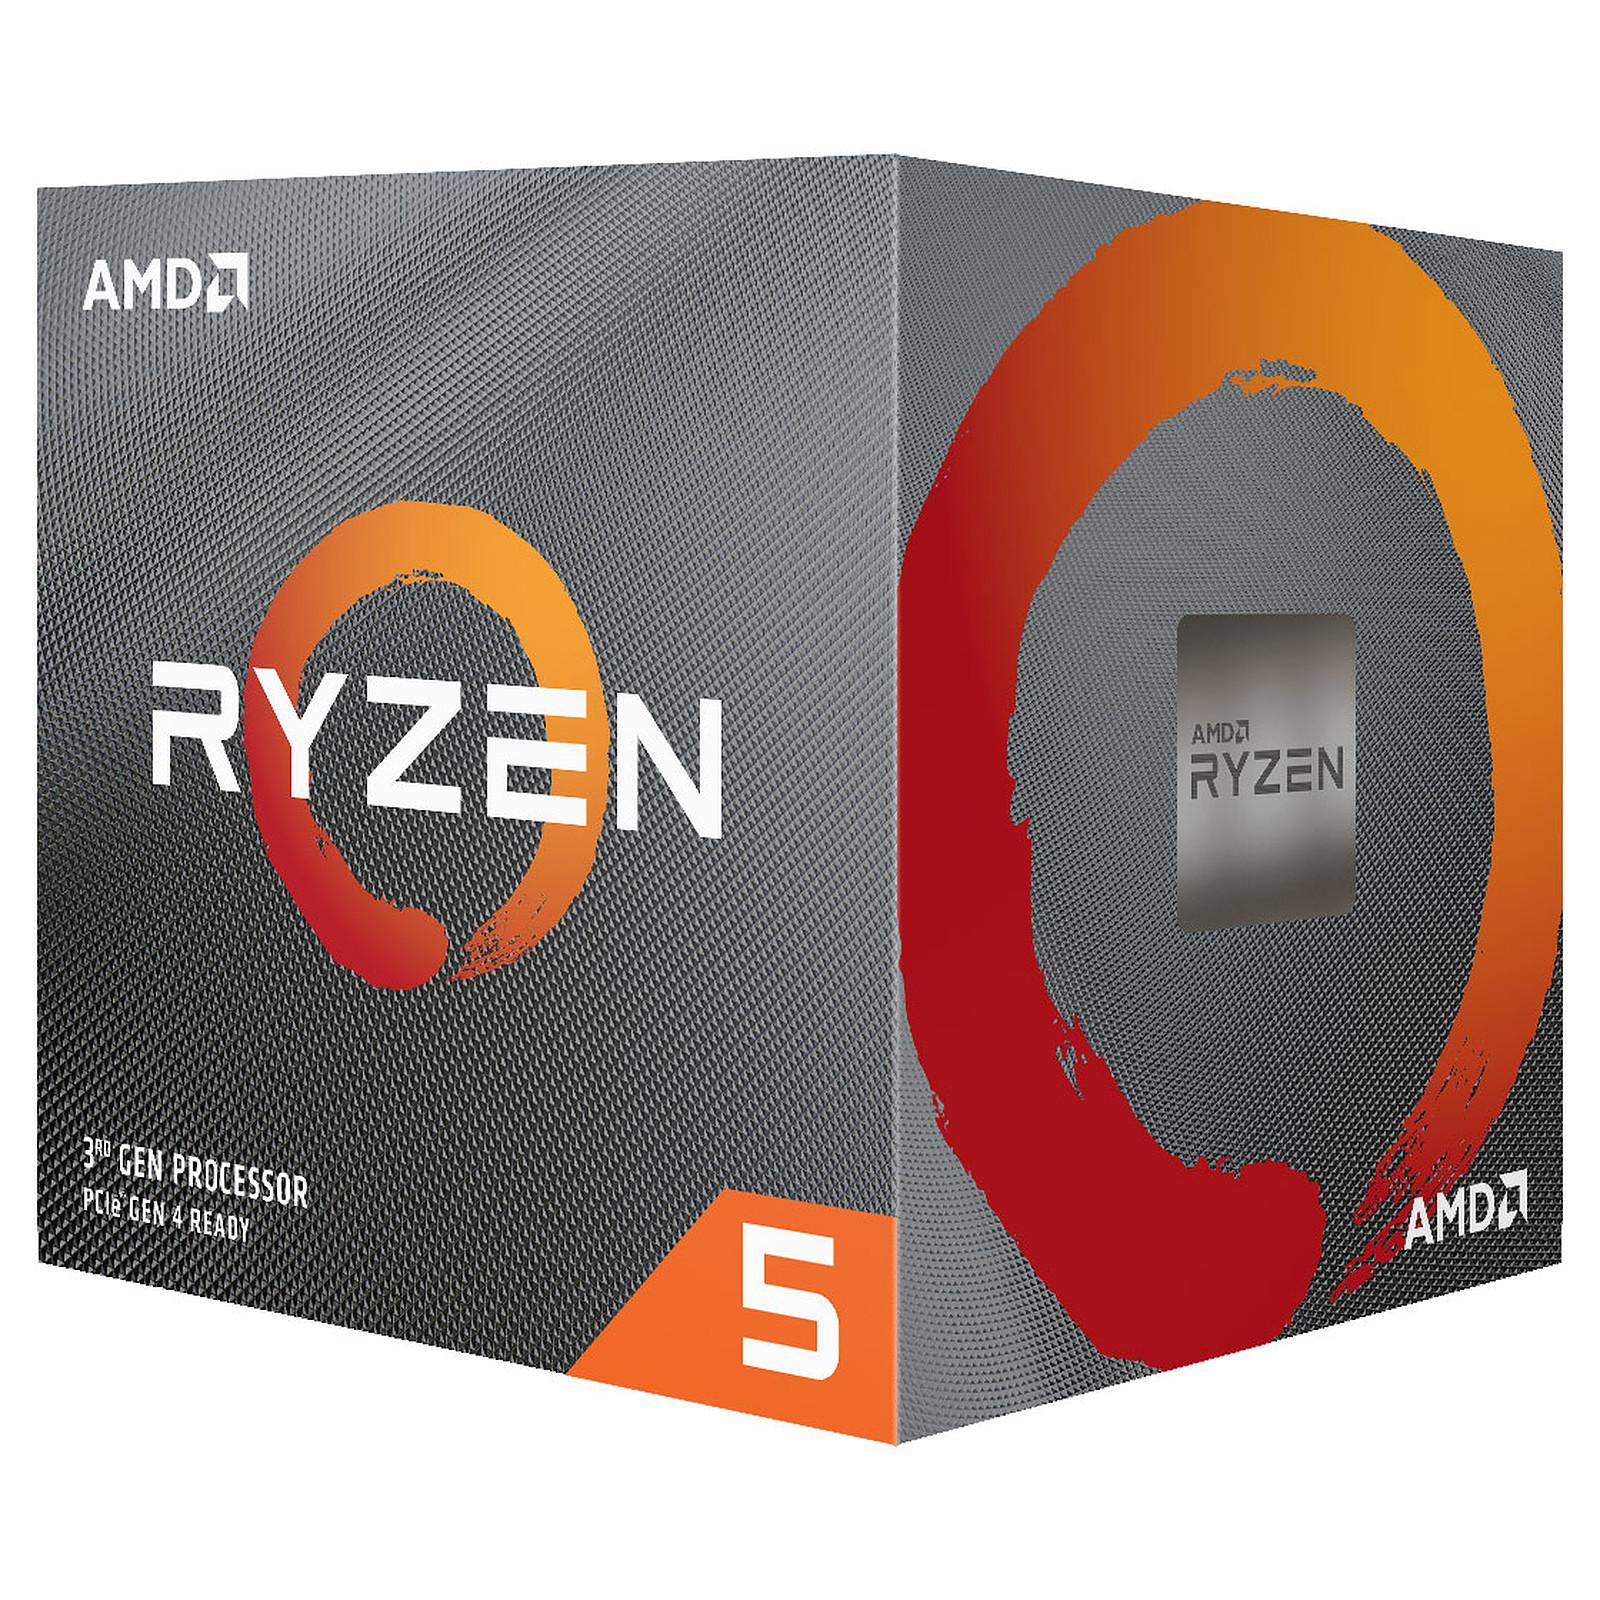 Processeur AMD Ryzen 5 3600 - 3.6 GHz, Mode Turbo à 4.2 GHz (Vendeur tiers)